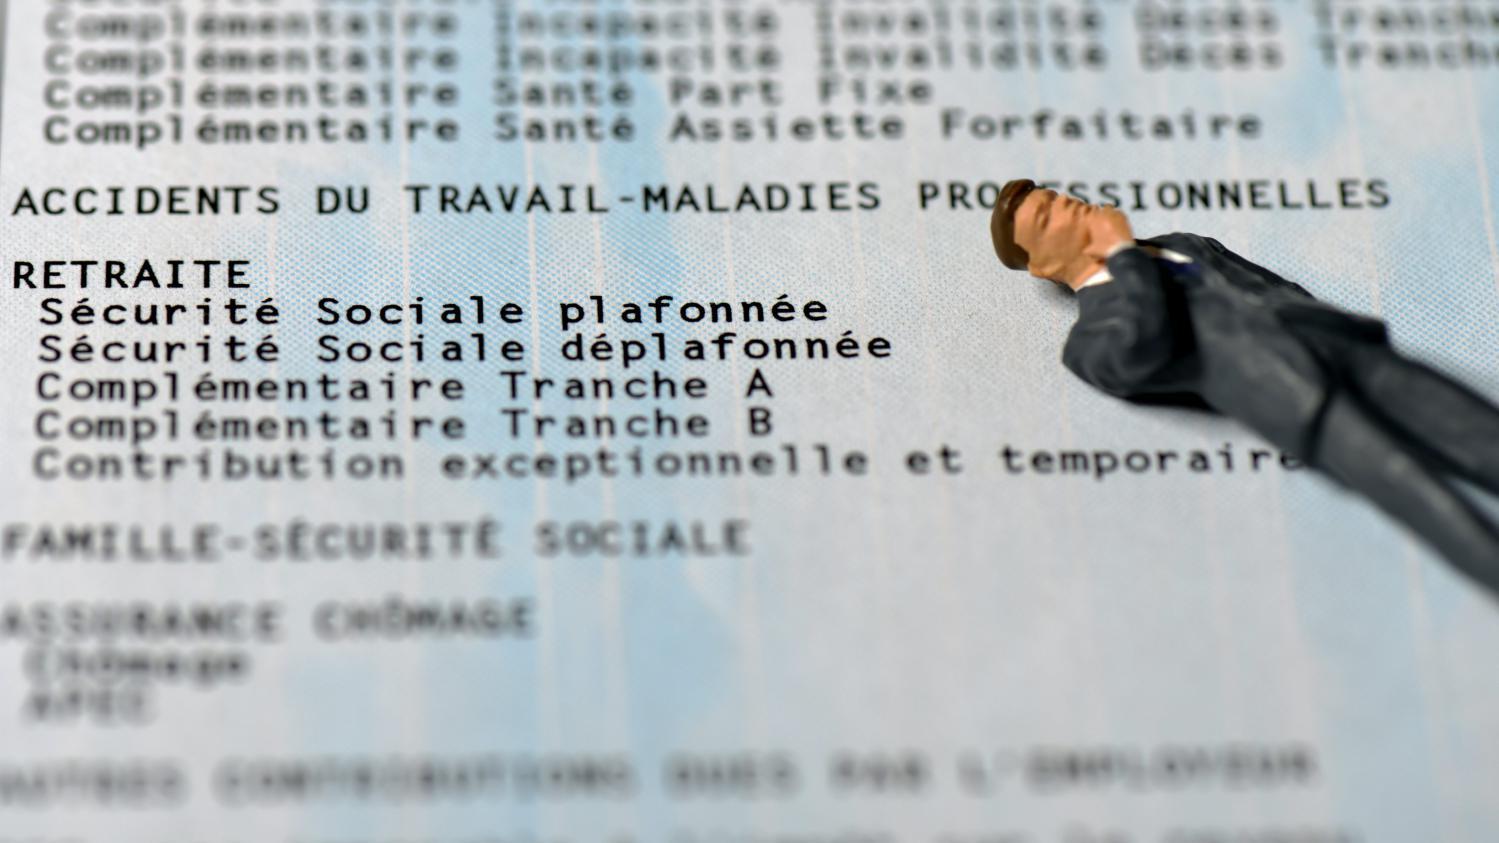 Budget 2018 Salaries Retraites Fonctionnaires Ce Que La